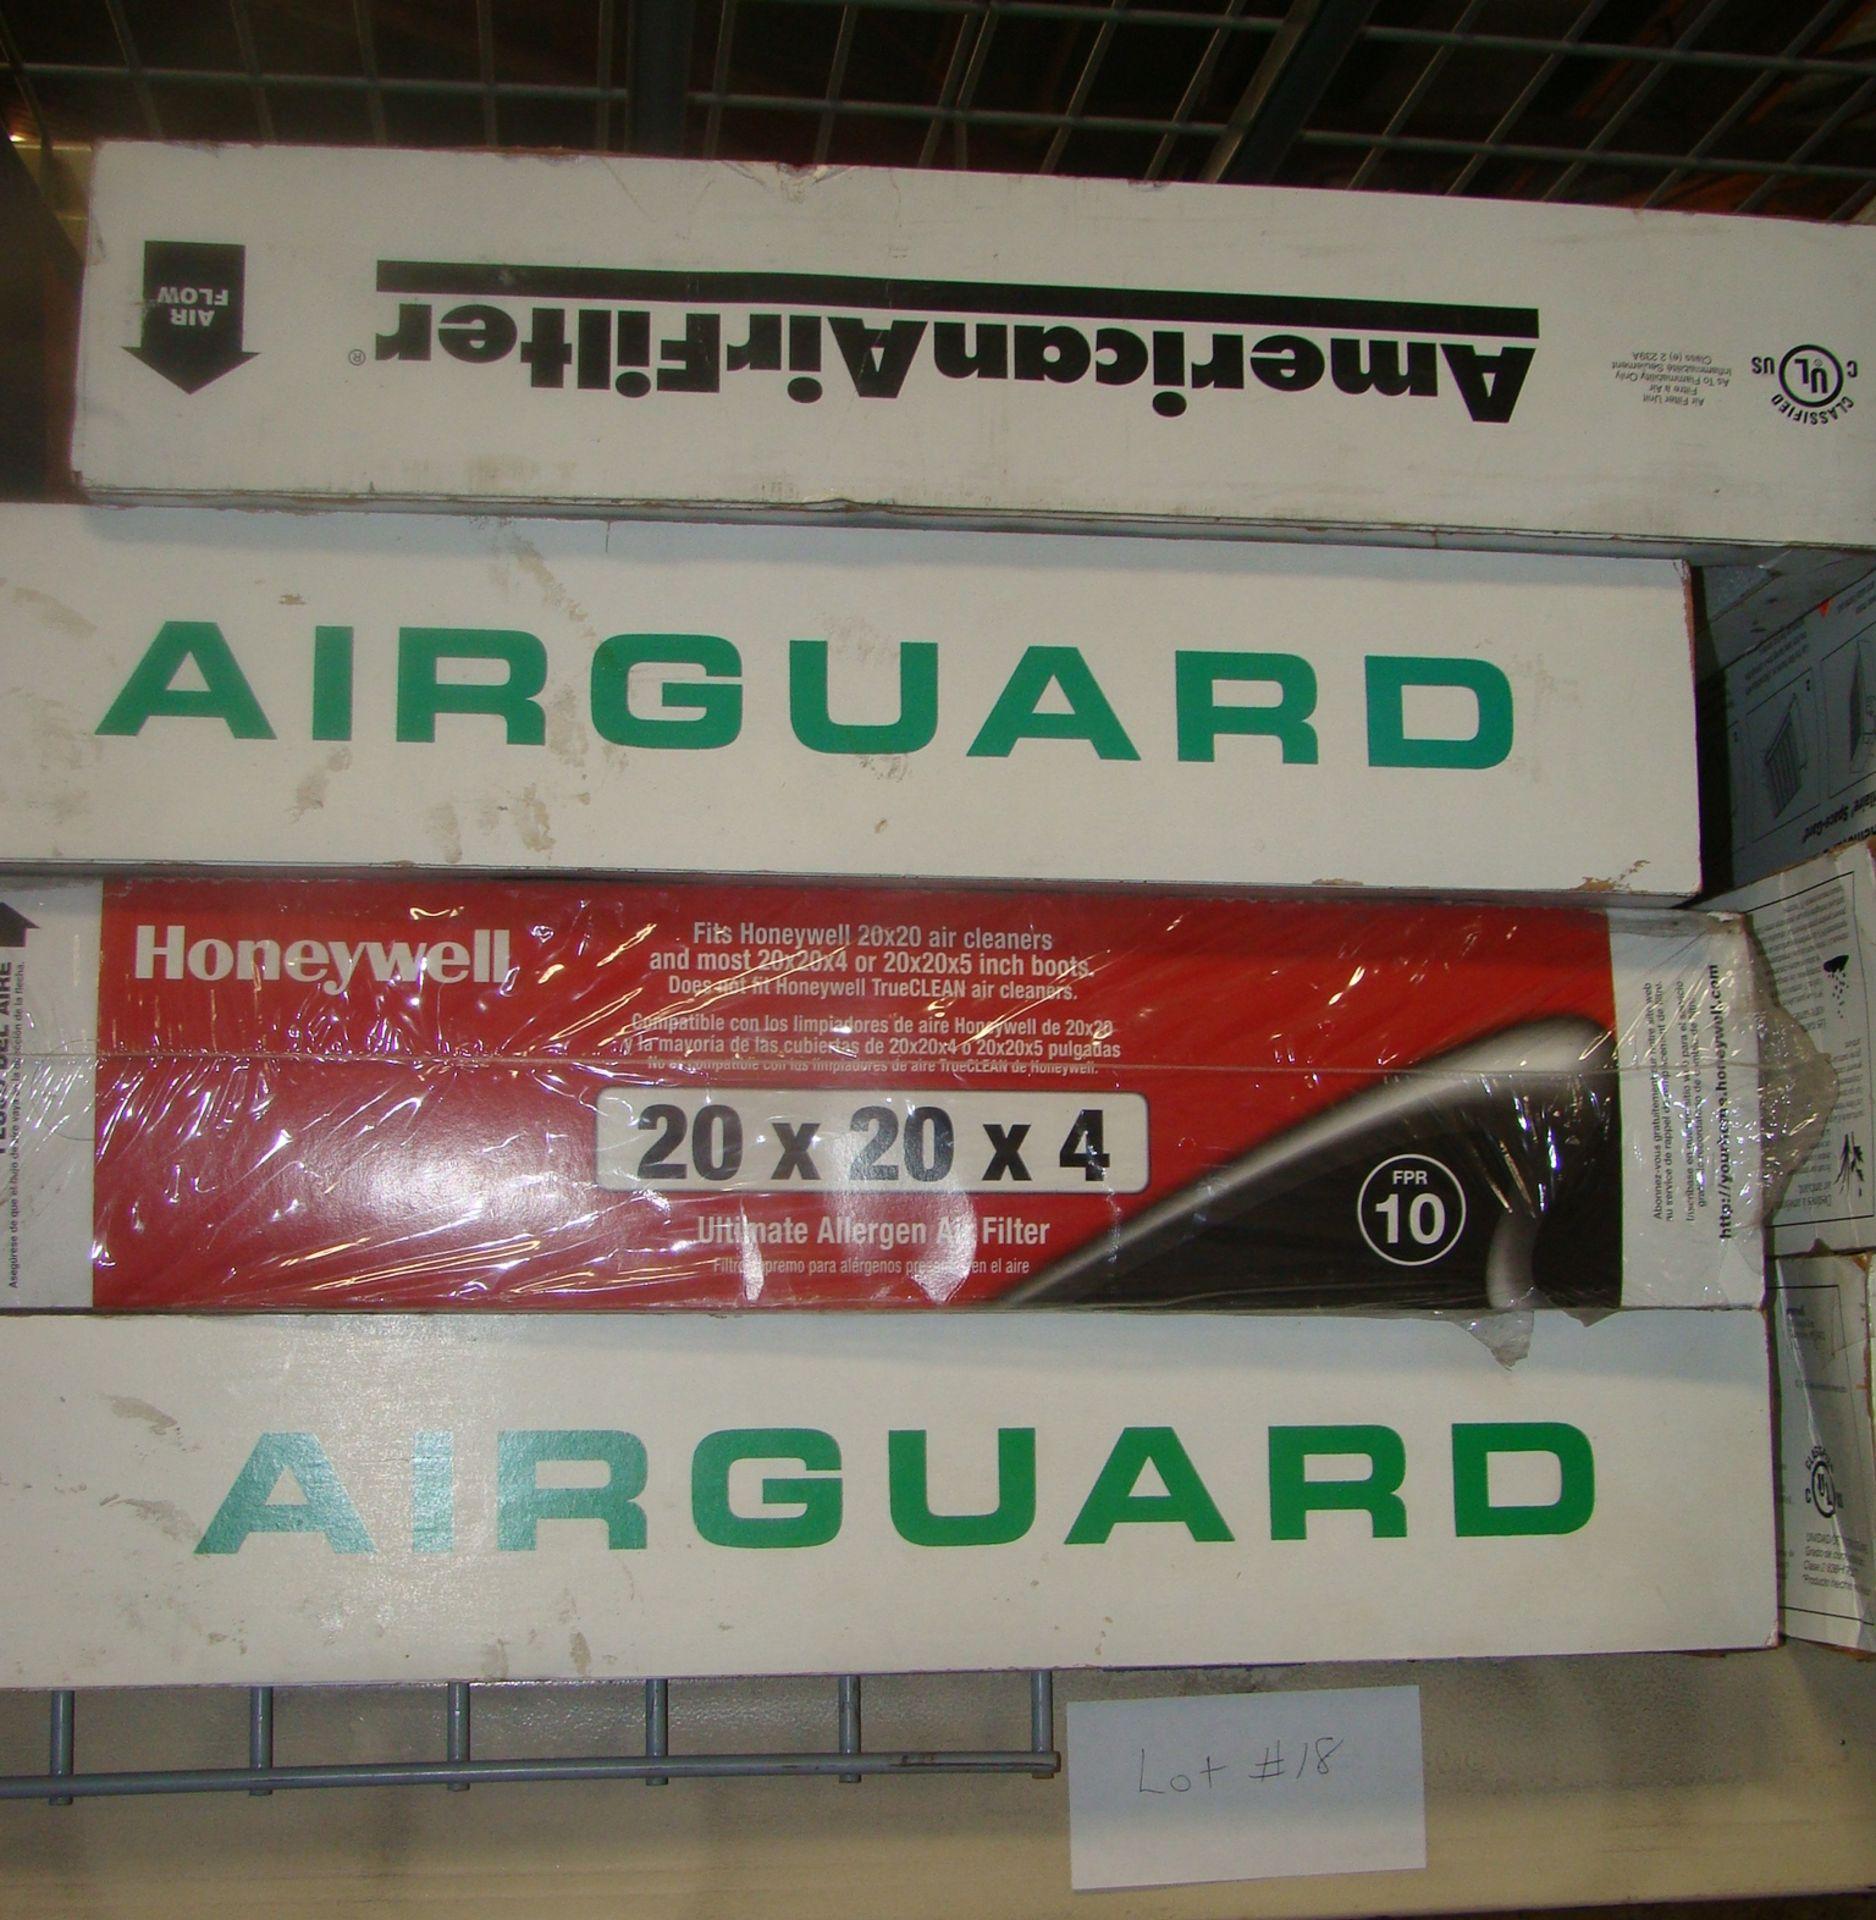 Lot 18 - Air Filters -2Airguard 20x24x4; 1 Honeywell 20x20x4; 1 American 24x20x4